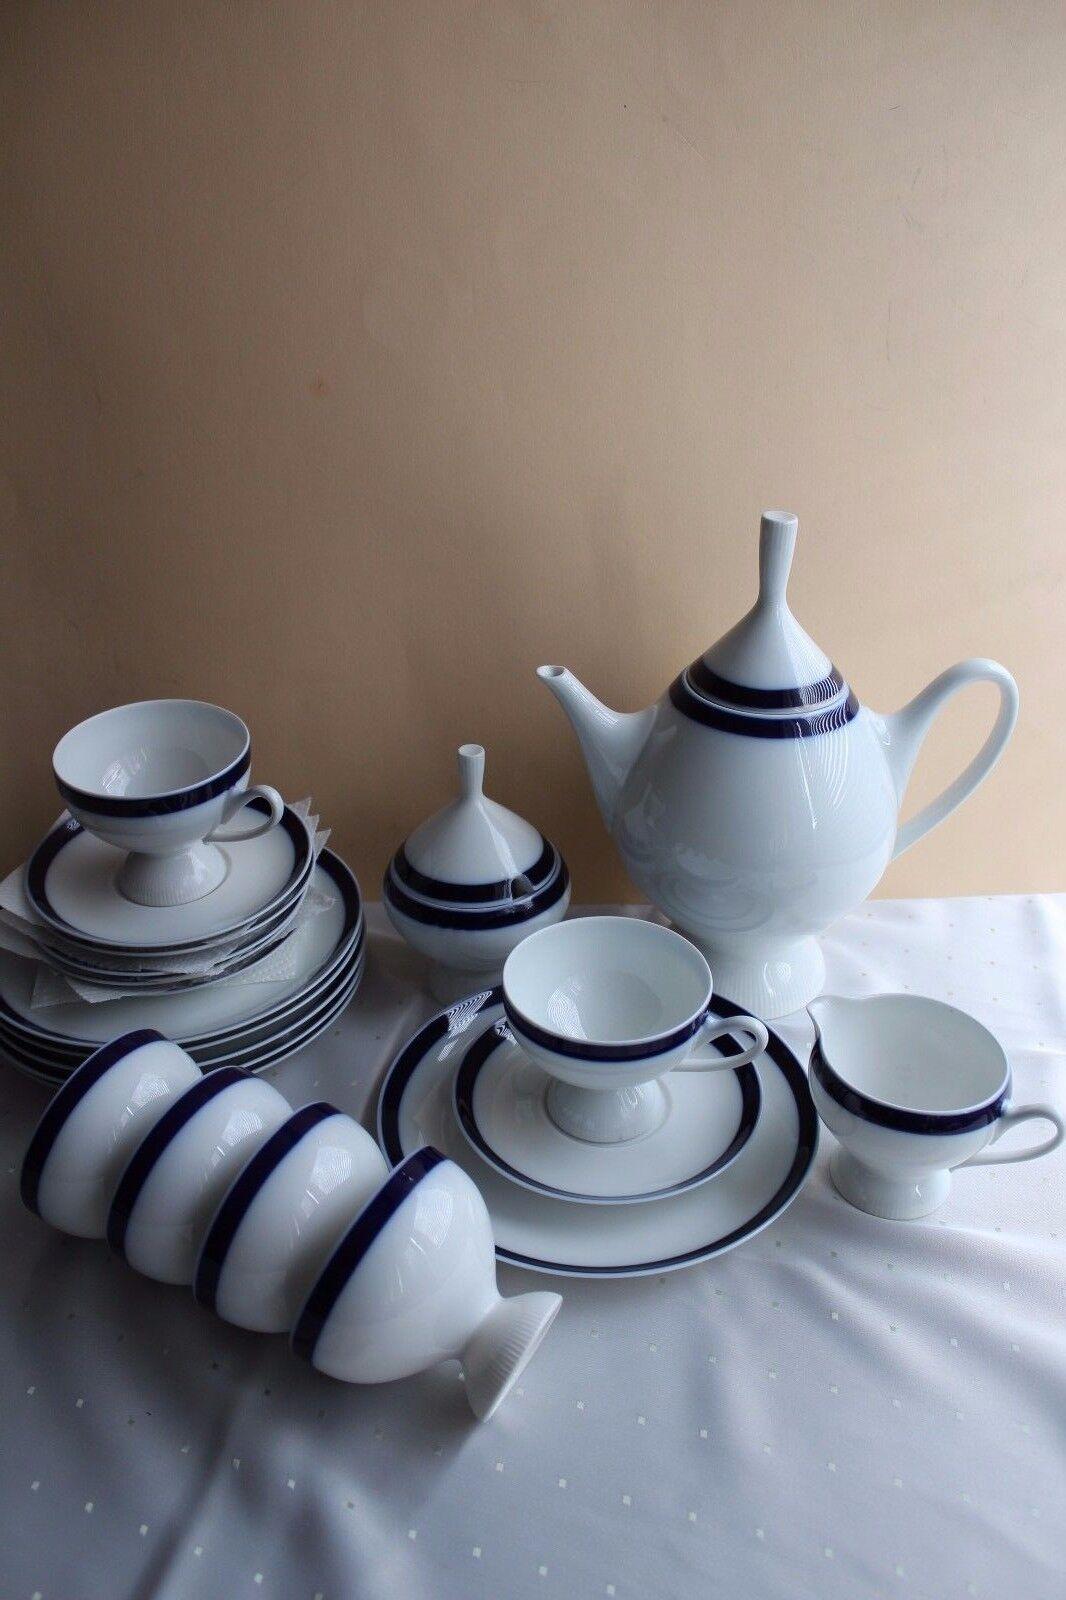 Krautheim Kaffeeservice in Echt Kobalt für 6 Personen Personen Personen | Auktion  c4ee5e